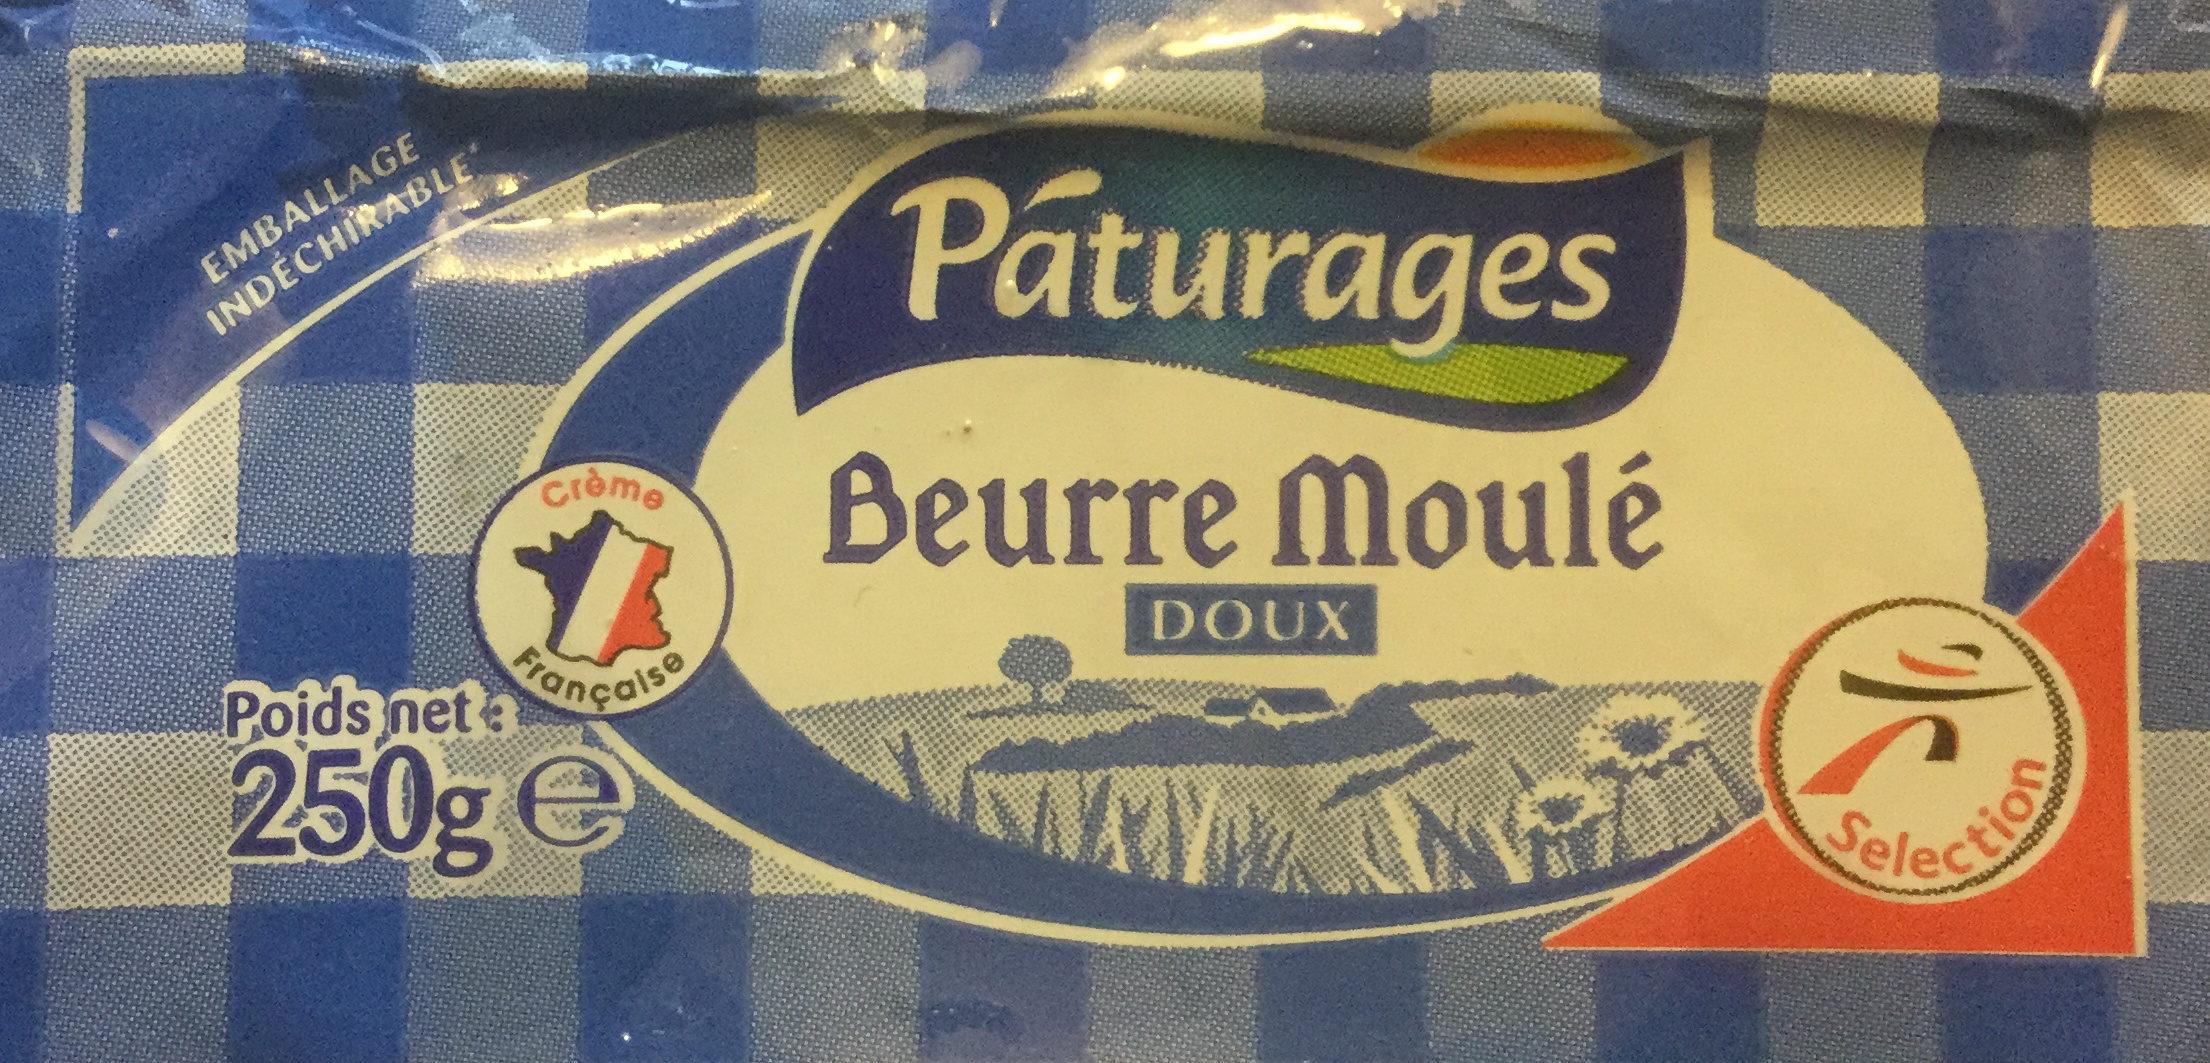 Beurre moulé doux - Produit